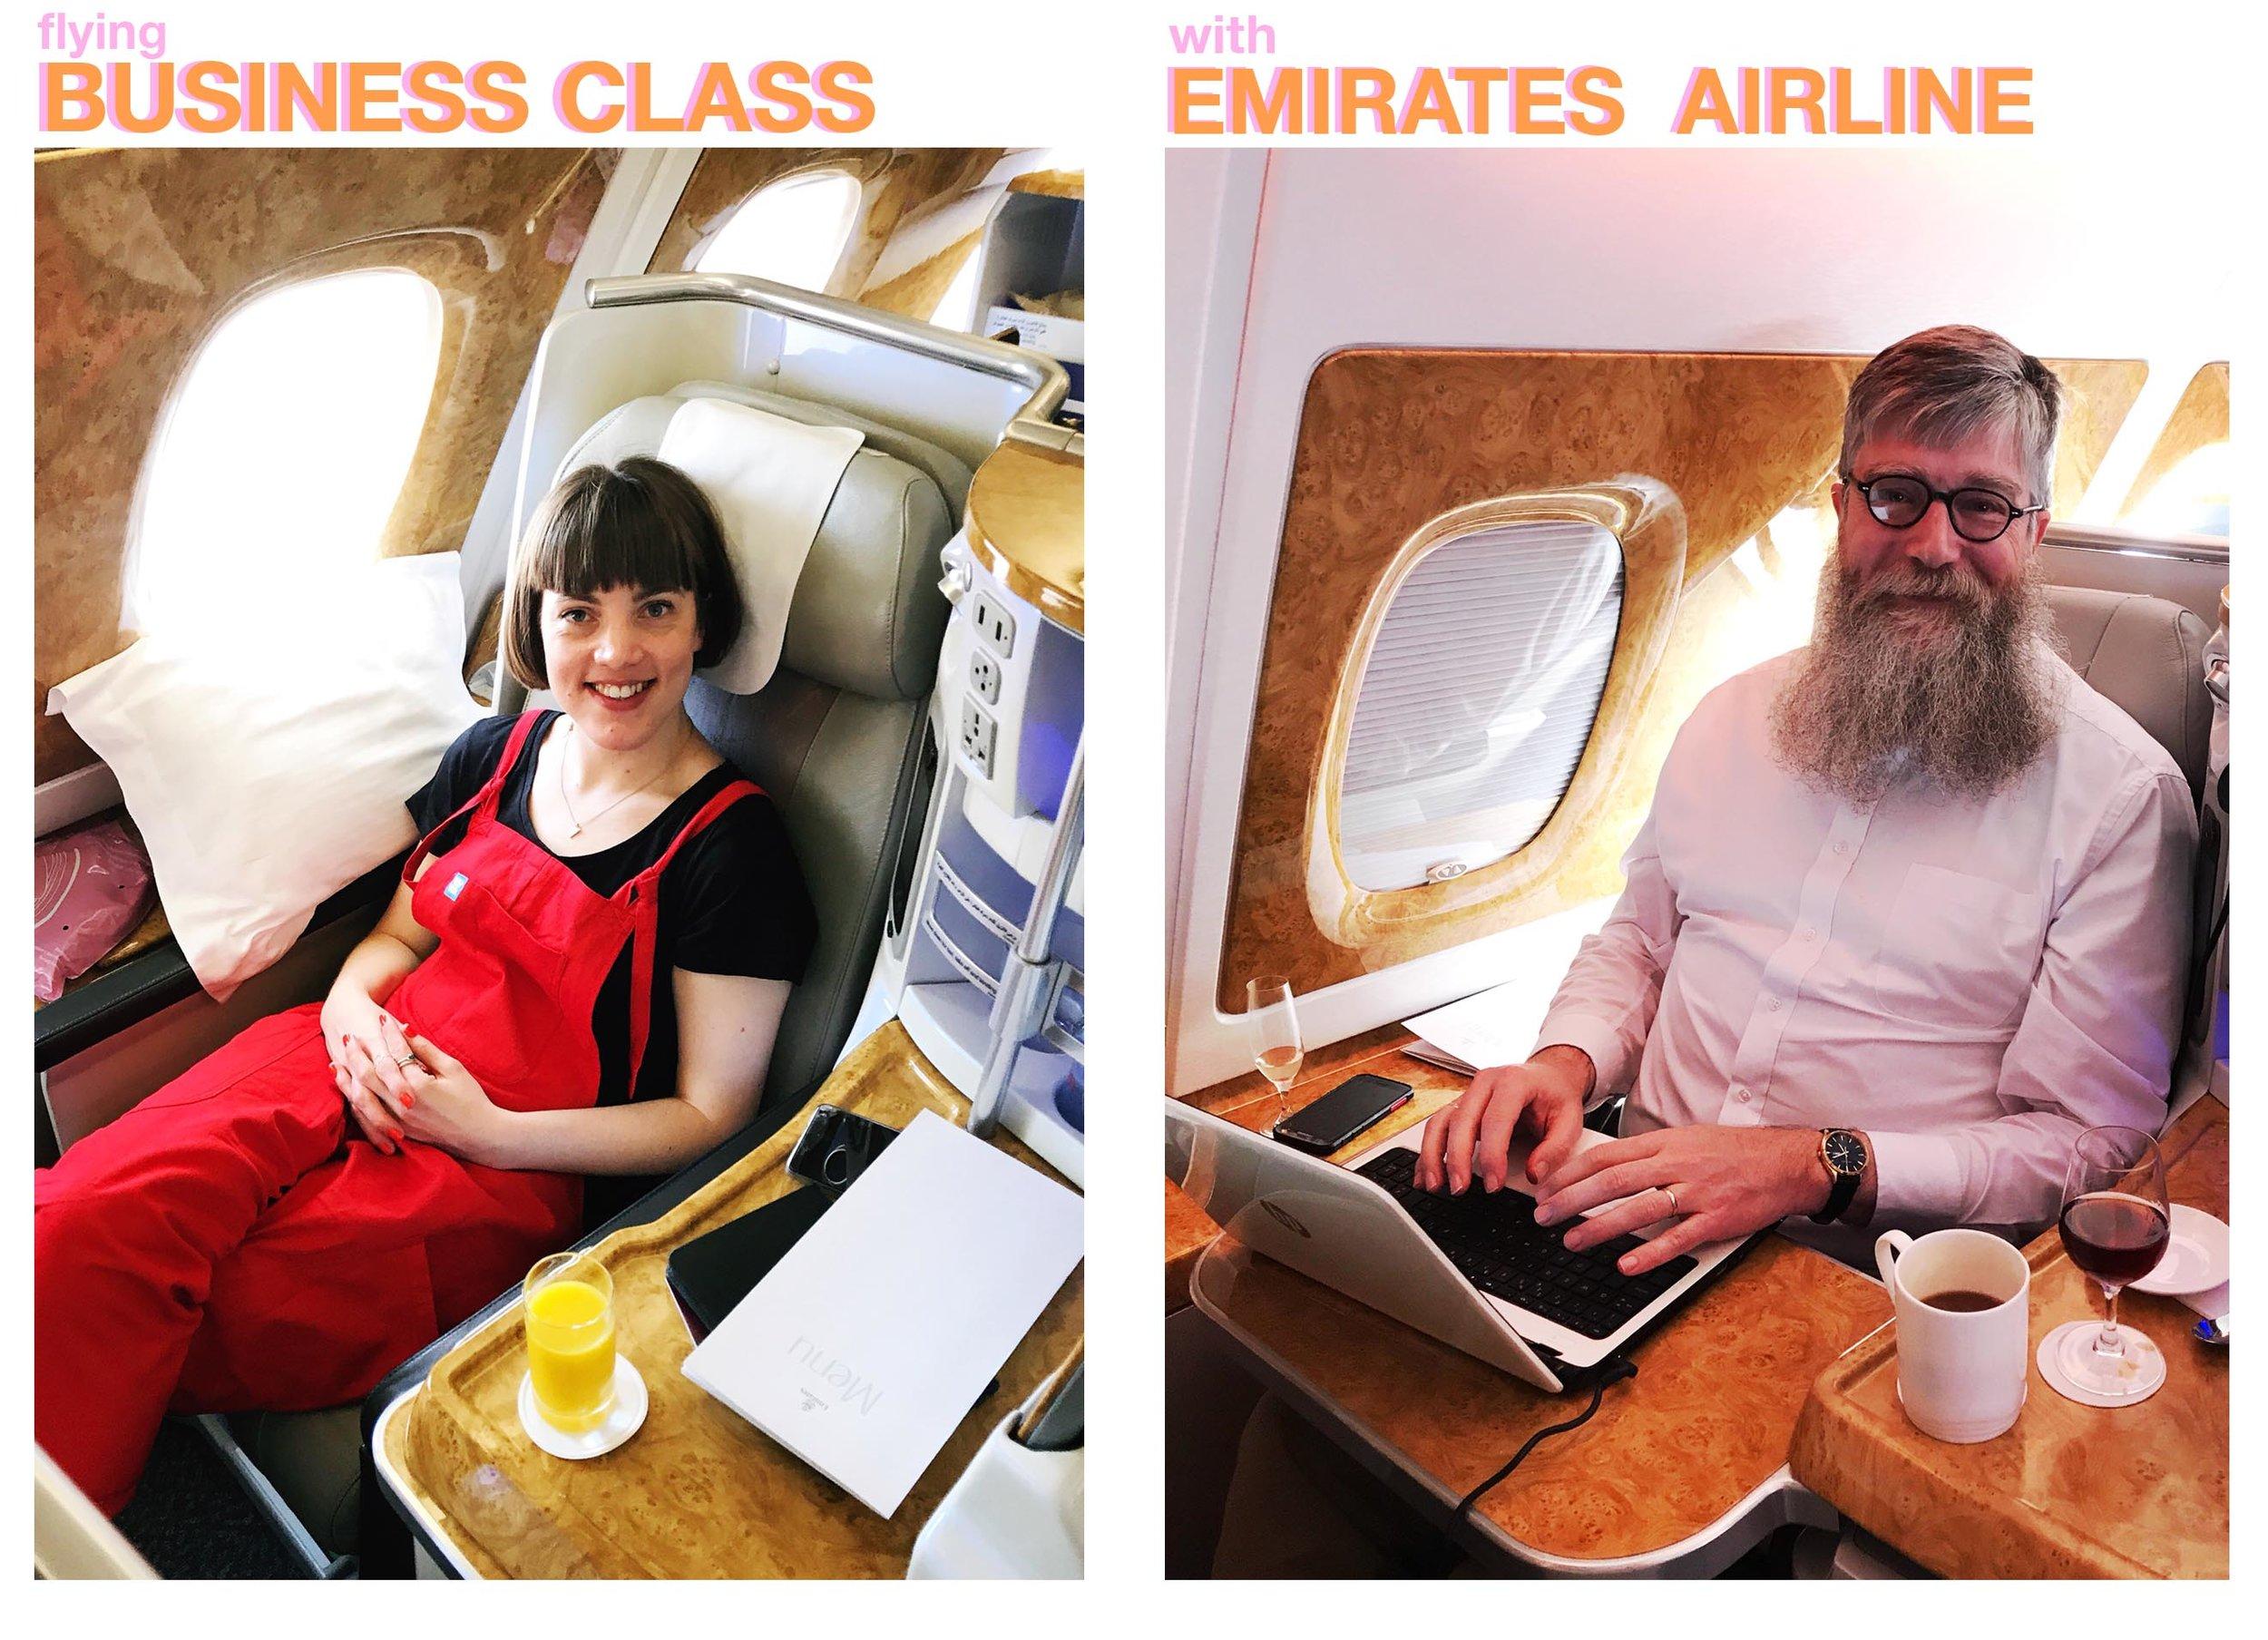 flying business.jpg